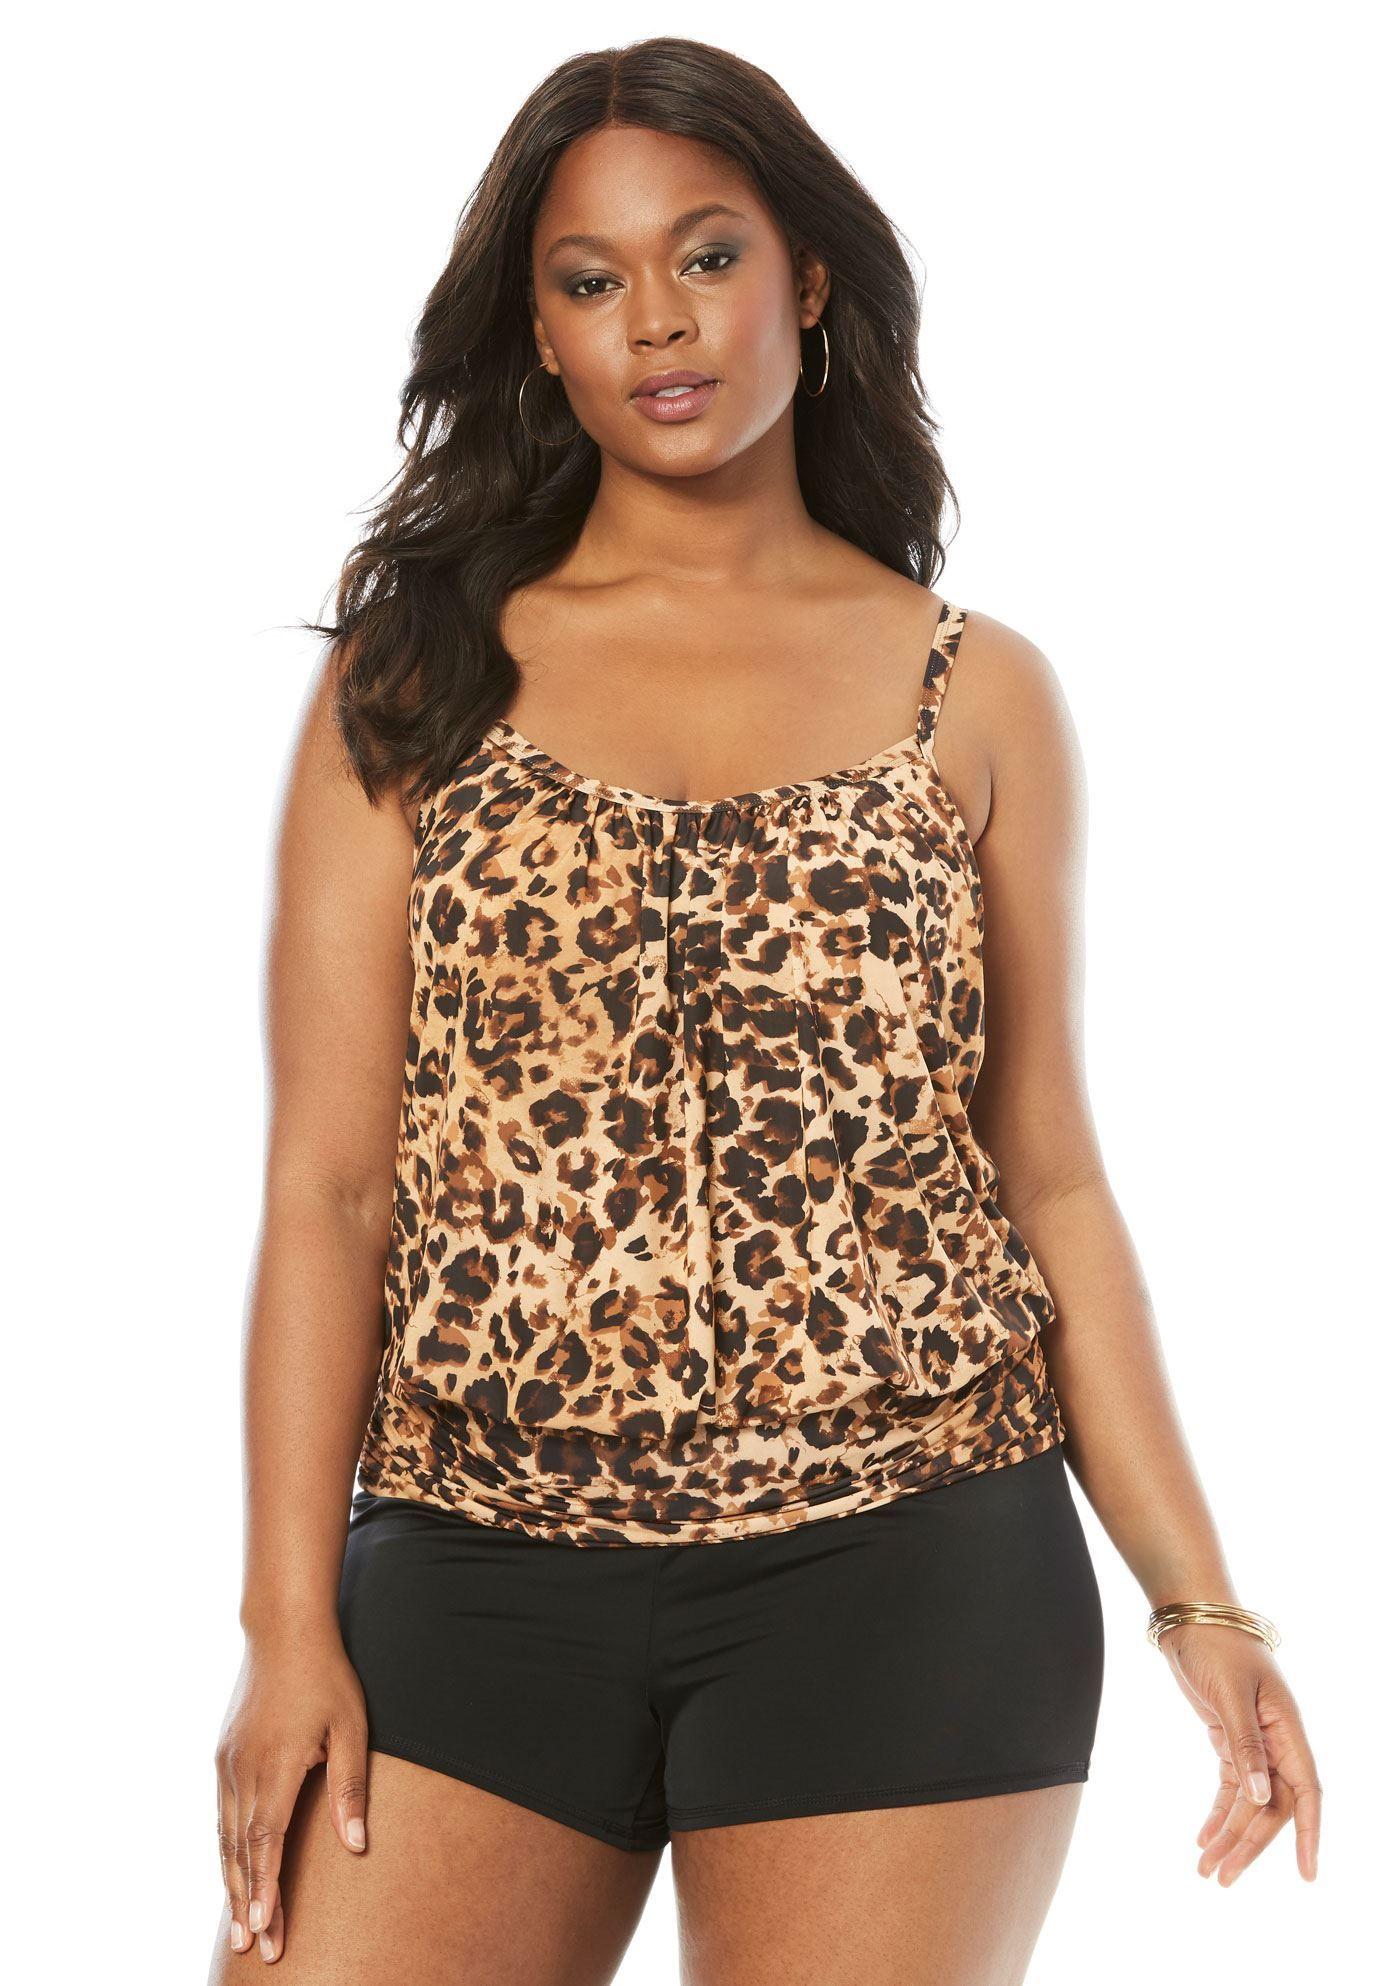 d1d83f9d5f Blouson Tankini Top - Women s Plus Size Clothing